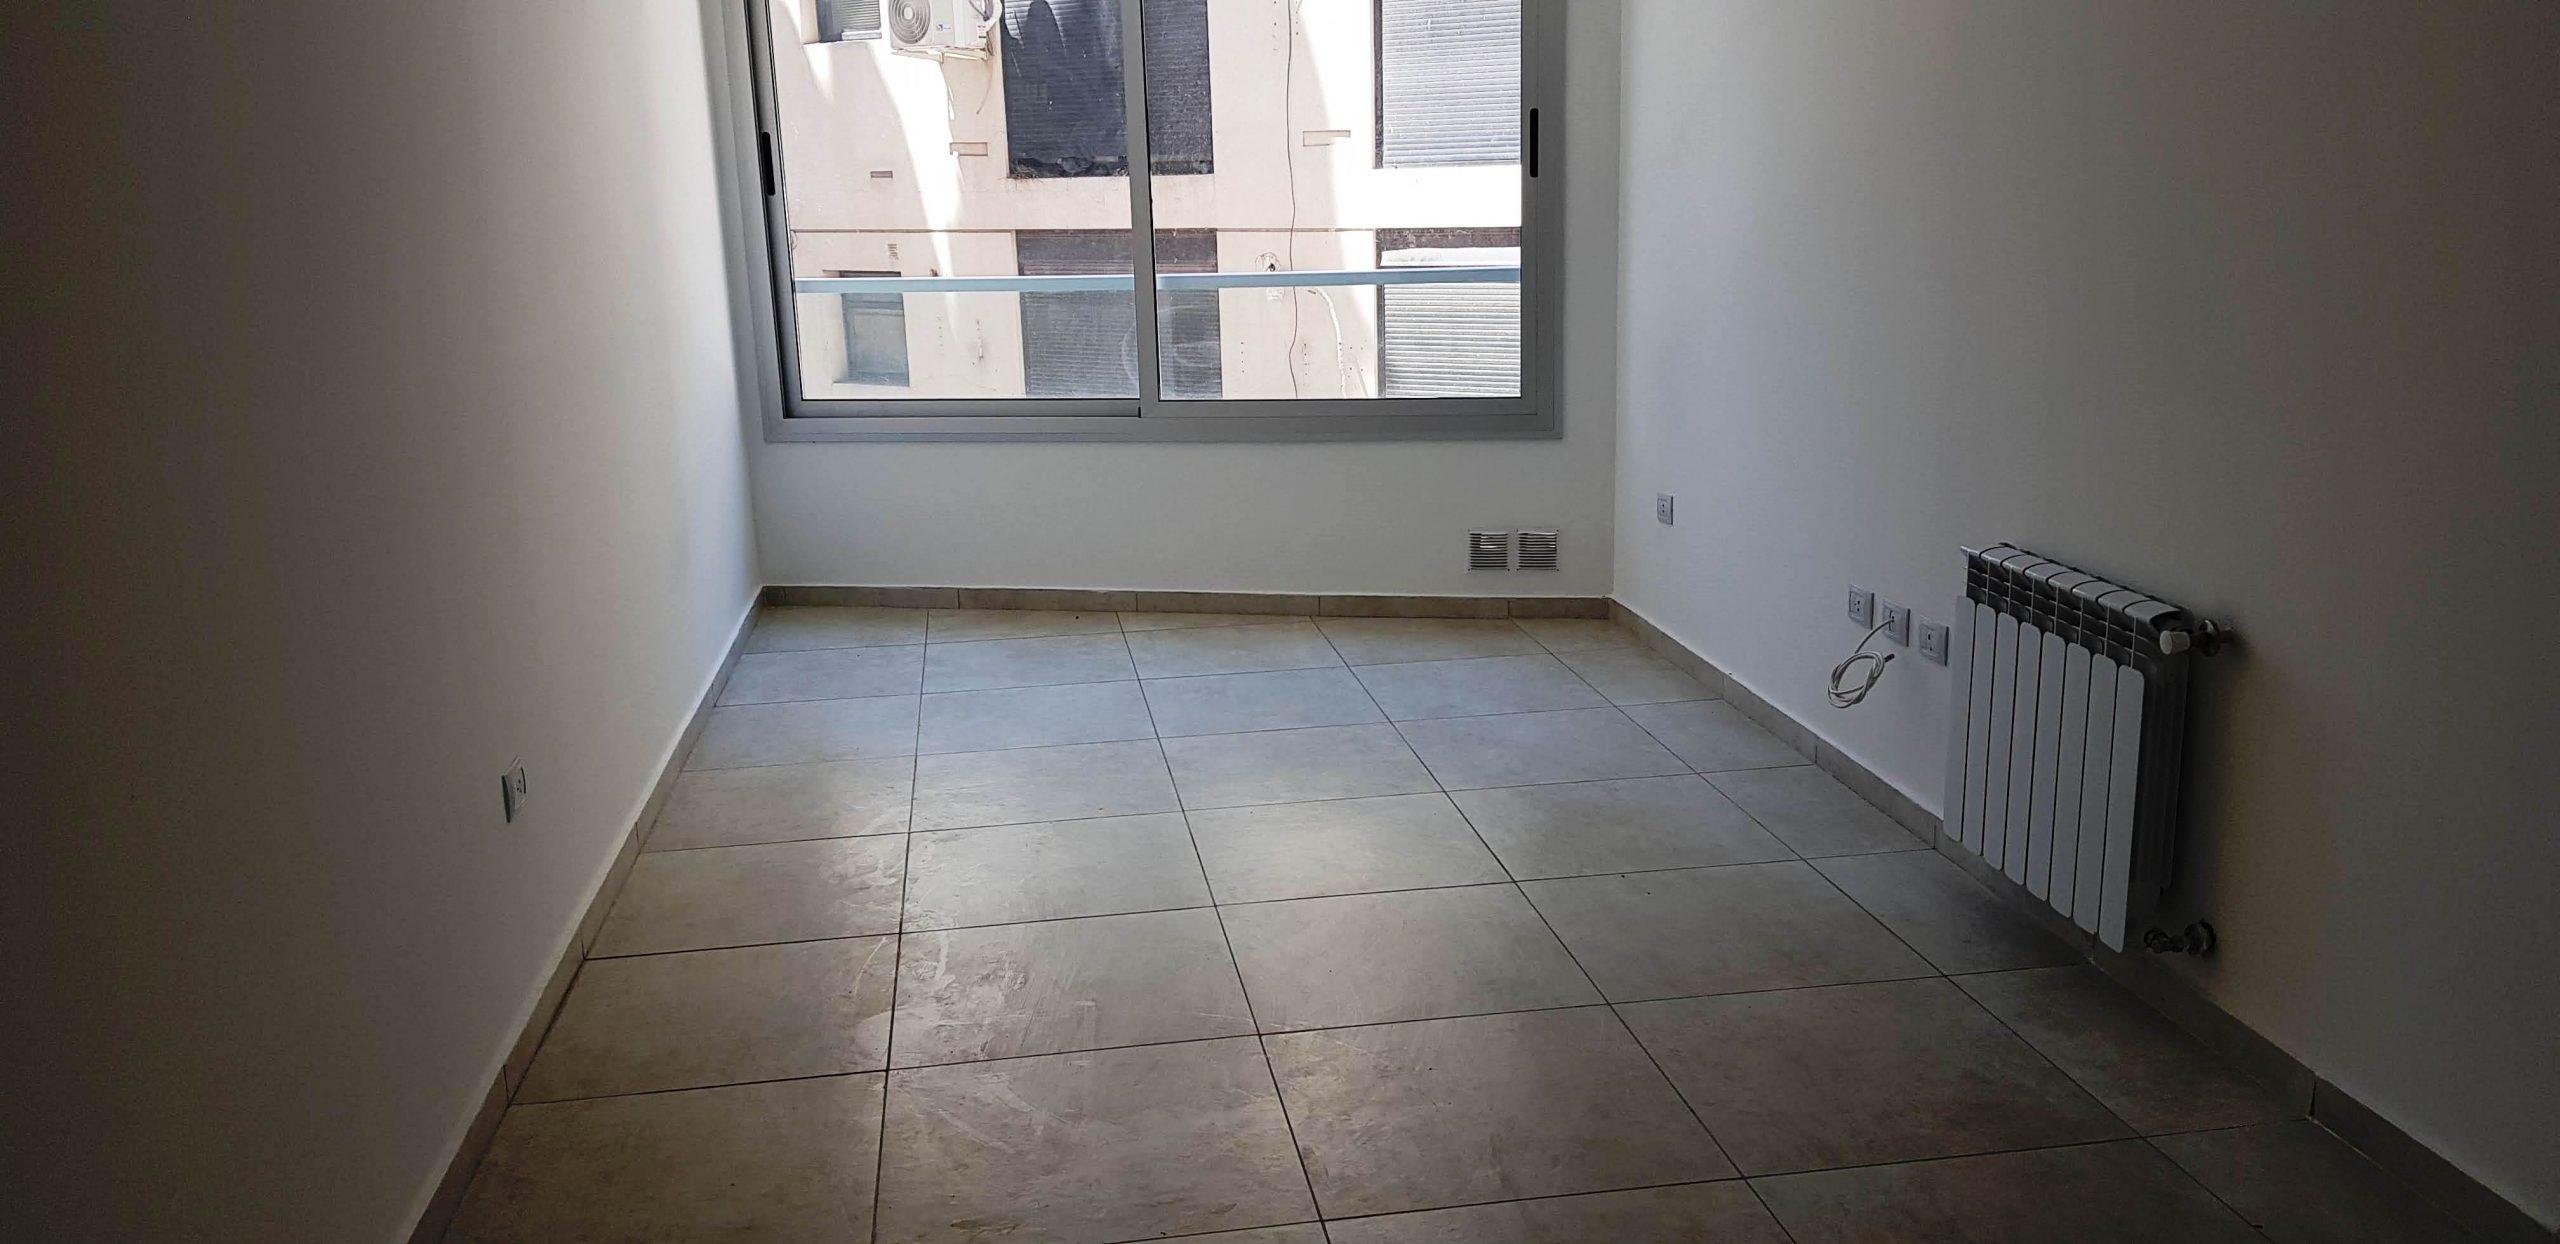 Alquiler Nva Cba a metros de Plaza España !!